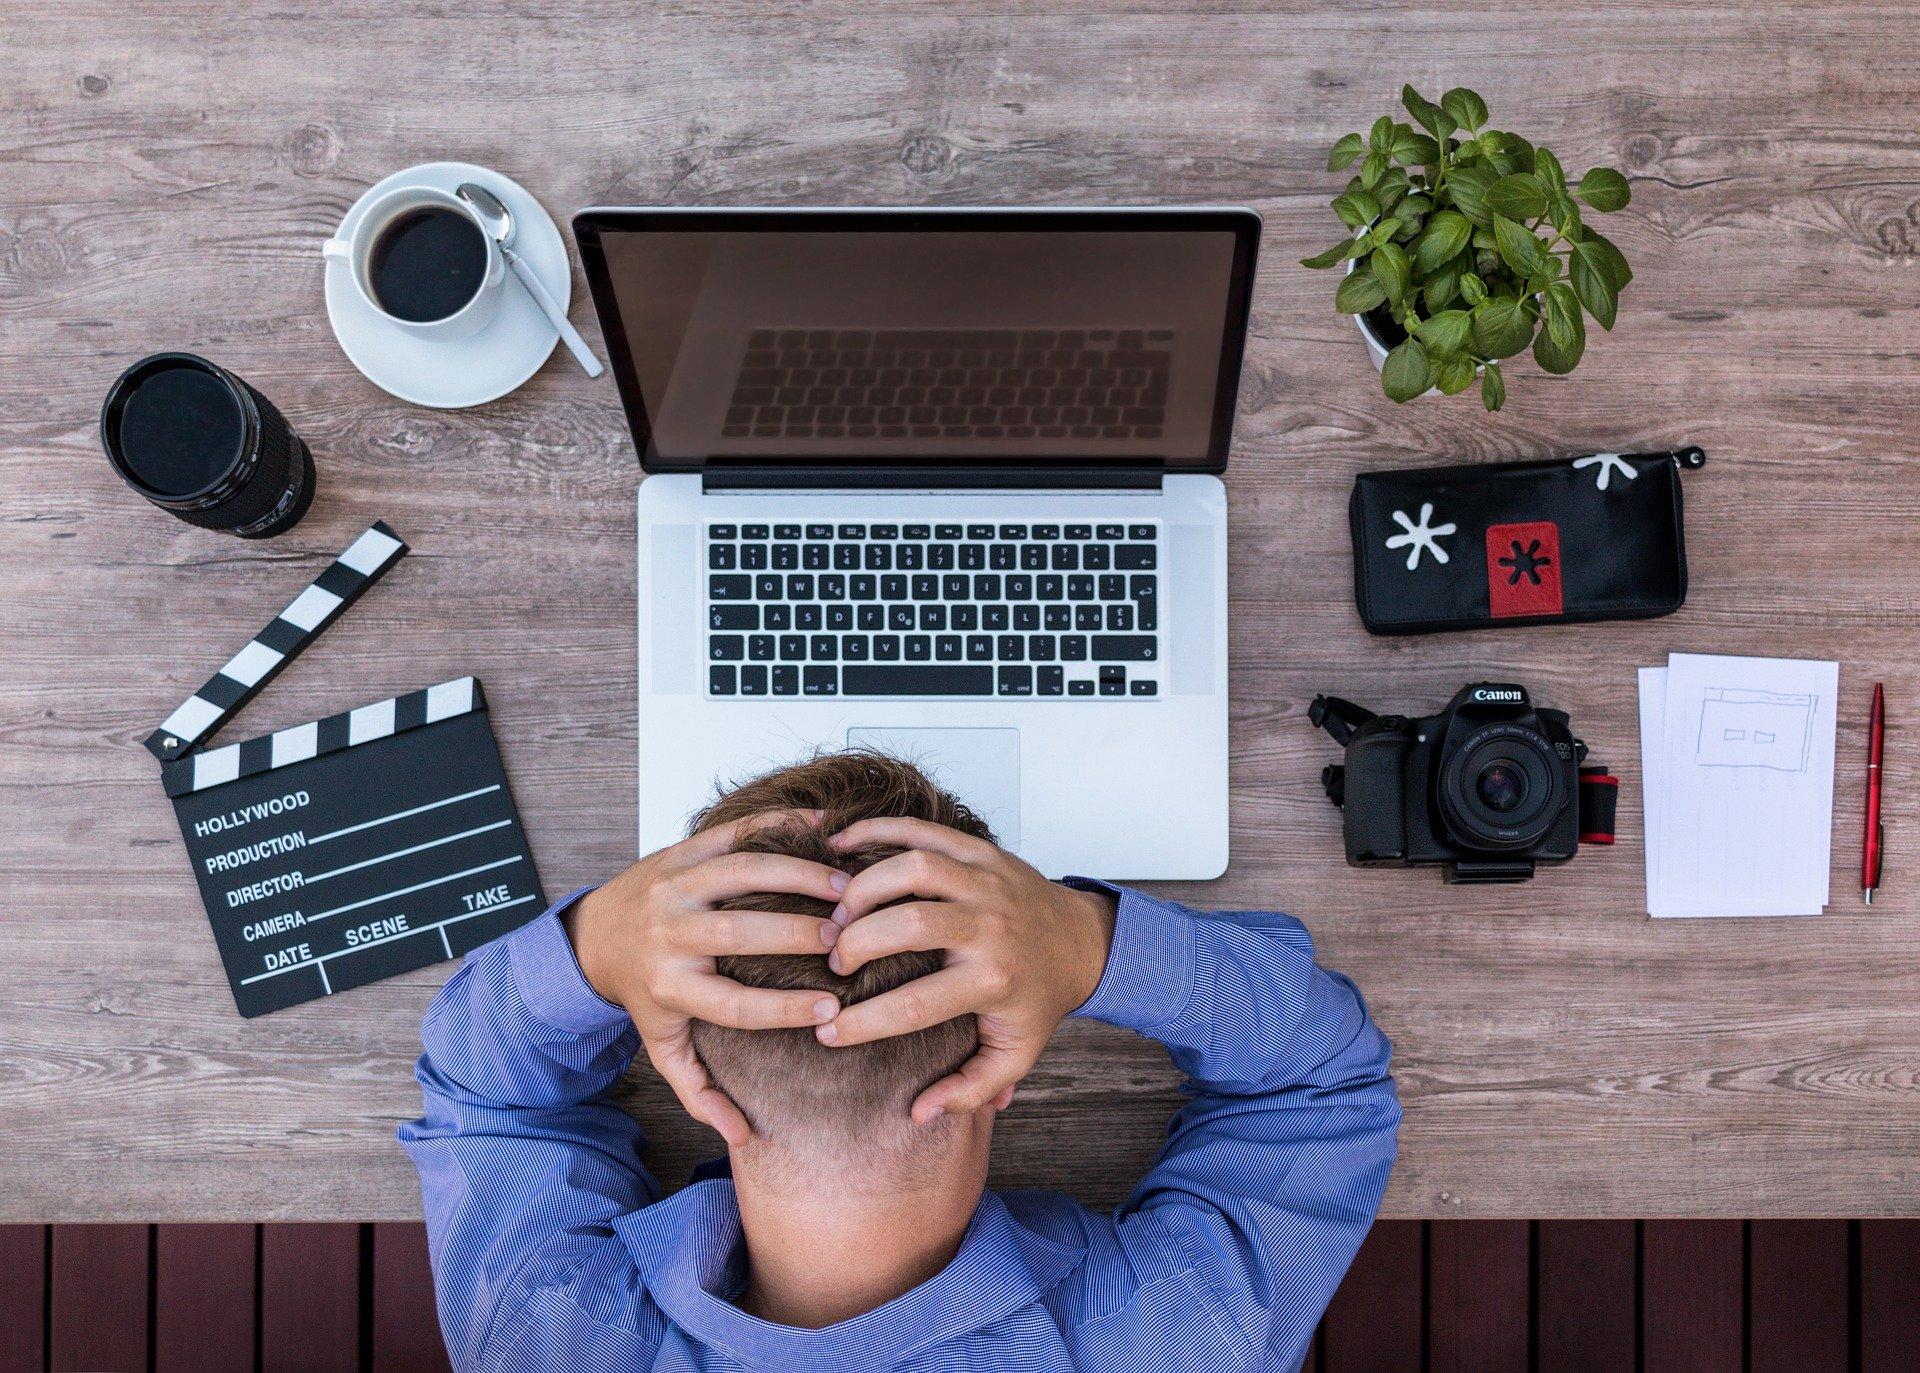 Een foto van een man achter zijn laptop, van bovenaf gezien. De man grijpt met zijn handen naar zijn hoofd. Op het bureau staat een plantje en er ligt o.a. een camera, een etui en een filmklapper.